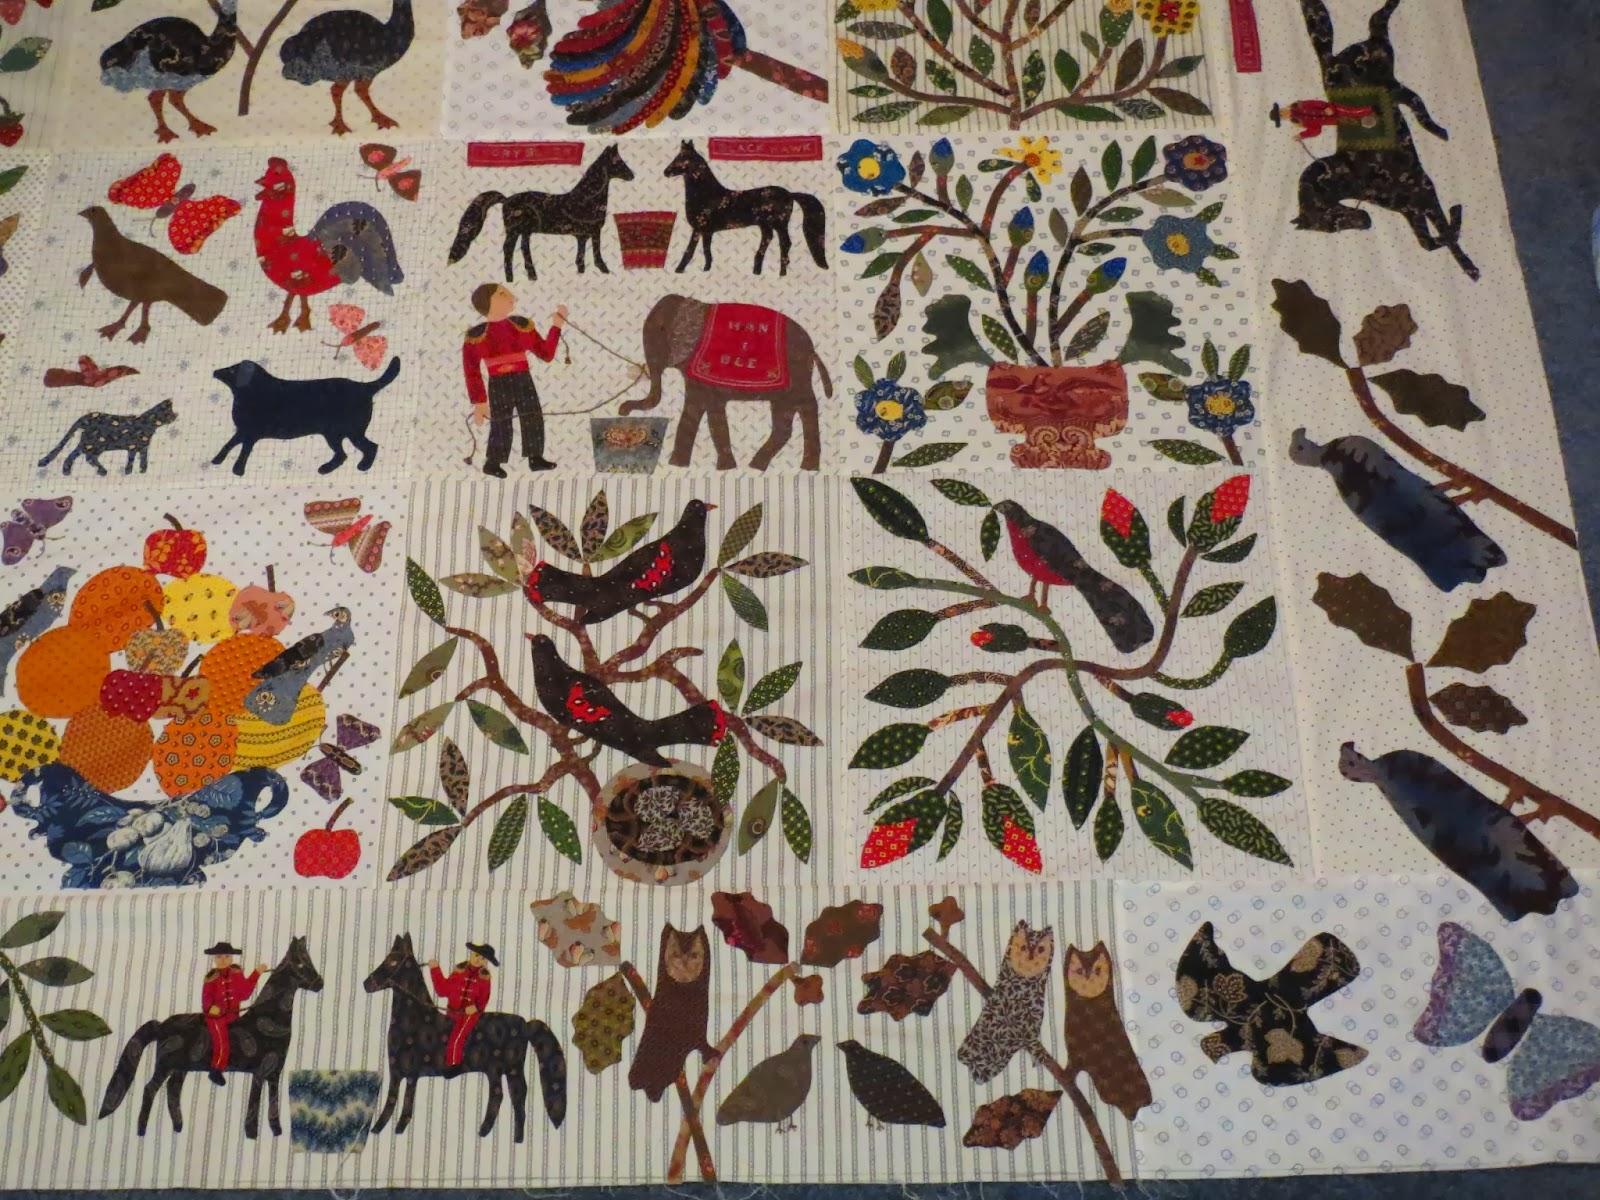 American Civil War Wallpaper Border The civil war bride quilt 1600x1200